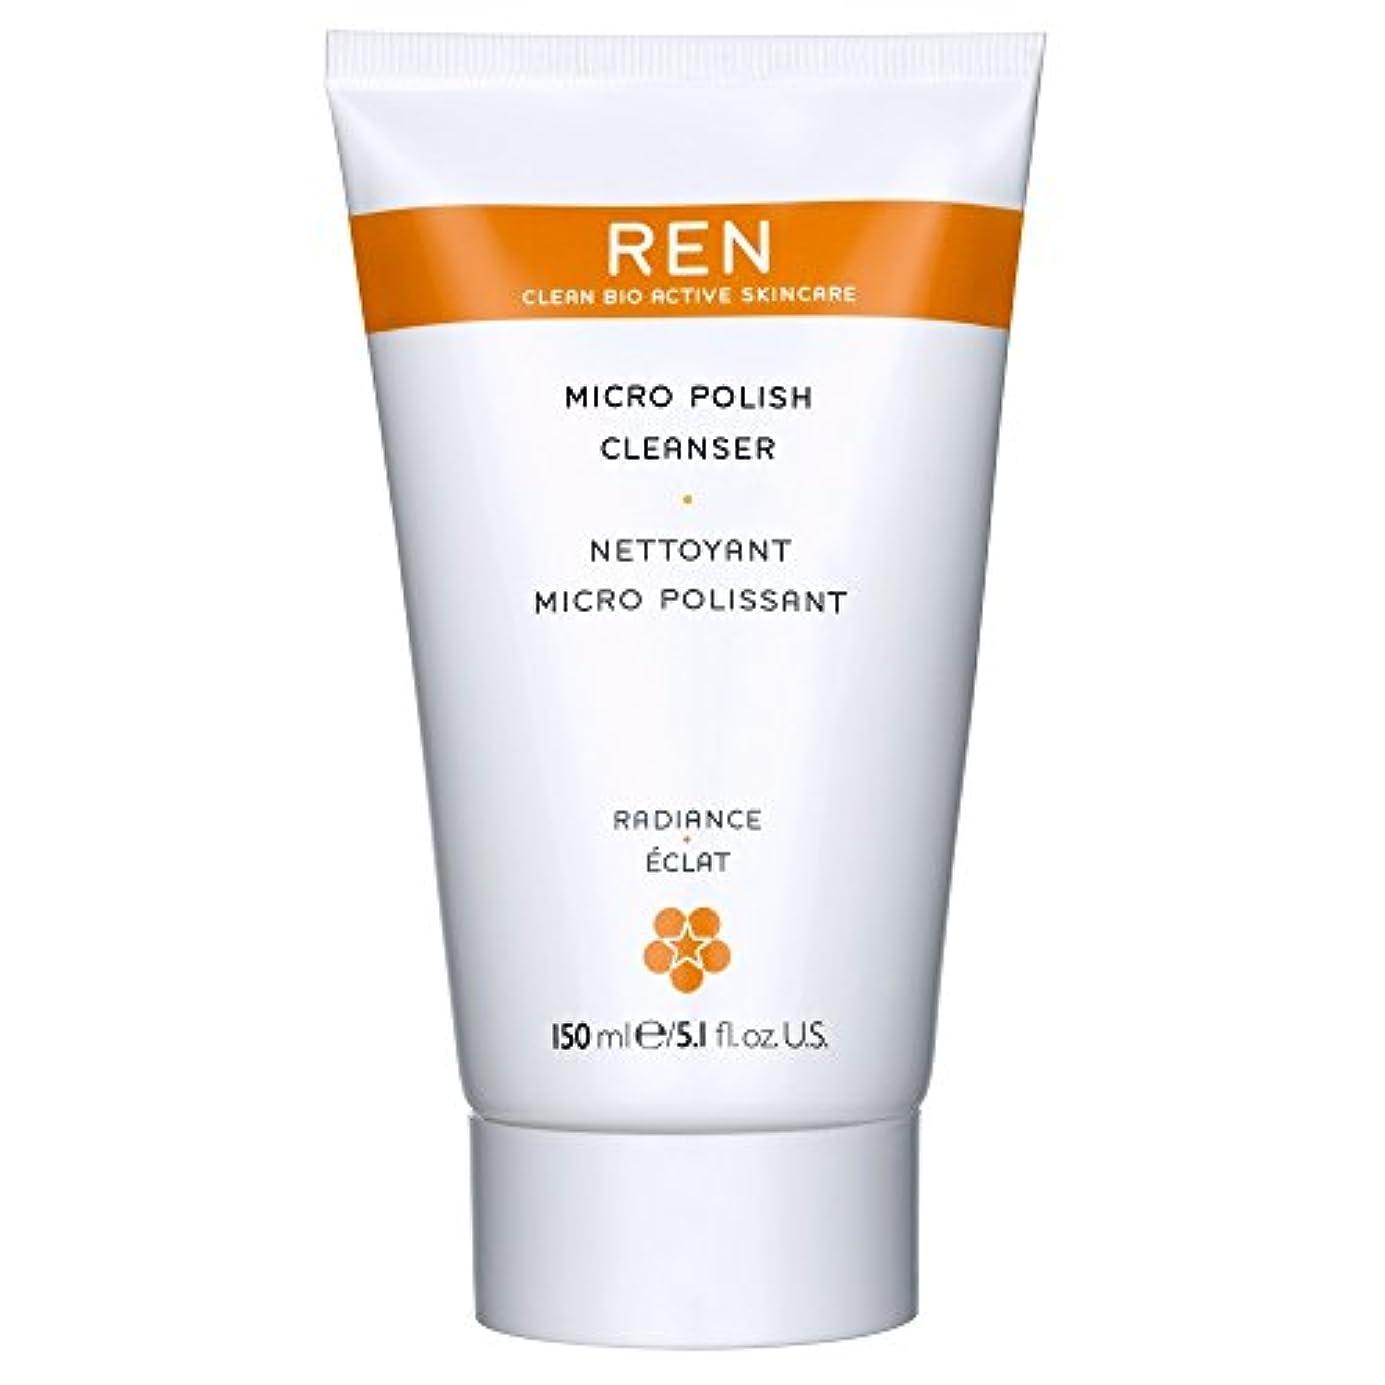 宣伝タイムリーな気絶させるRenミルコ磨きクレンザー、150ミリリットル (REN) (x6) - REN Mirco Polish Cleanser, 150ml (Pack of 6) [並行輸入品]